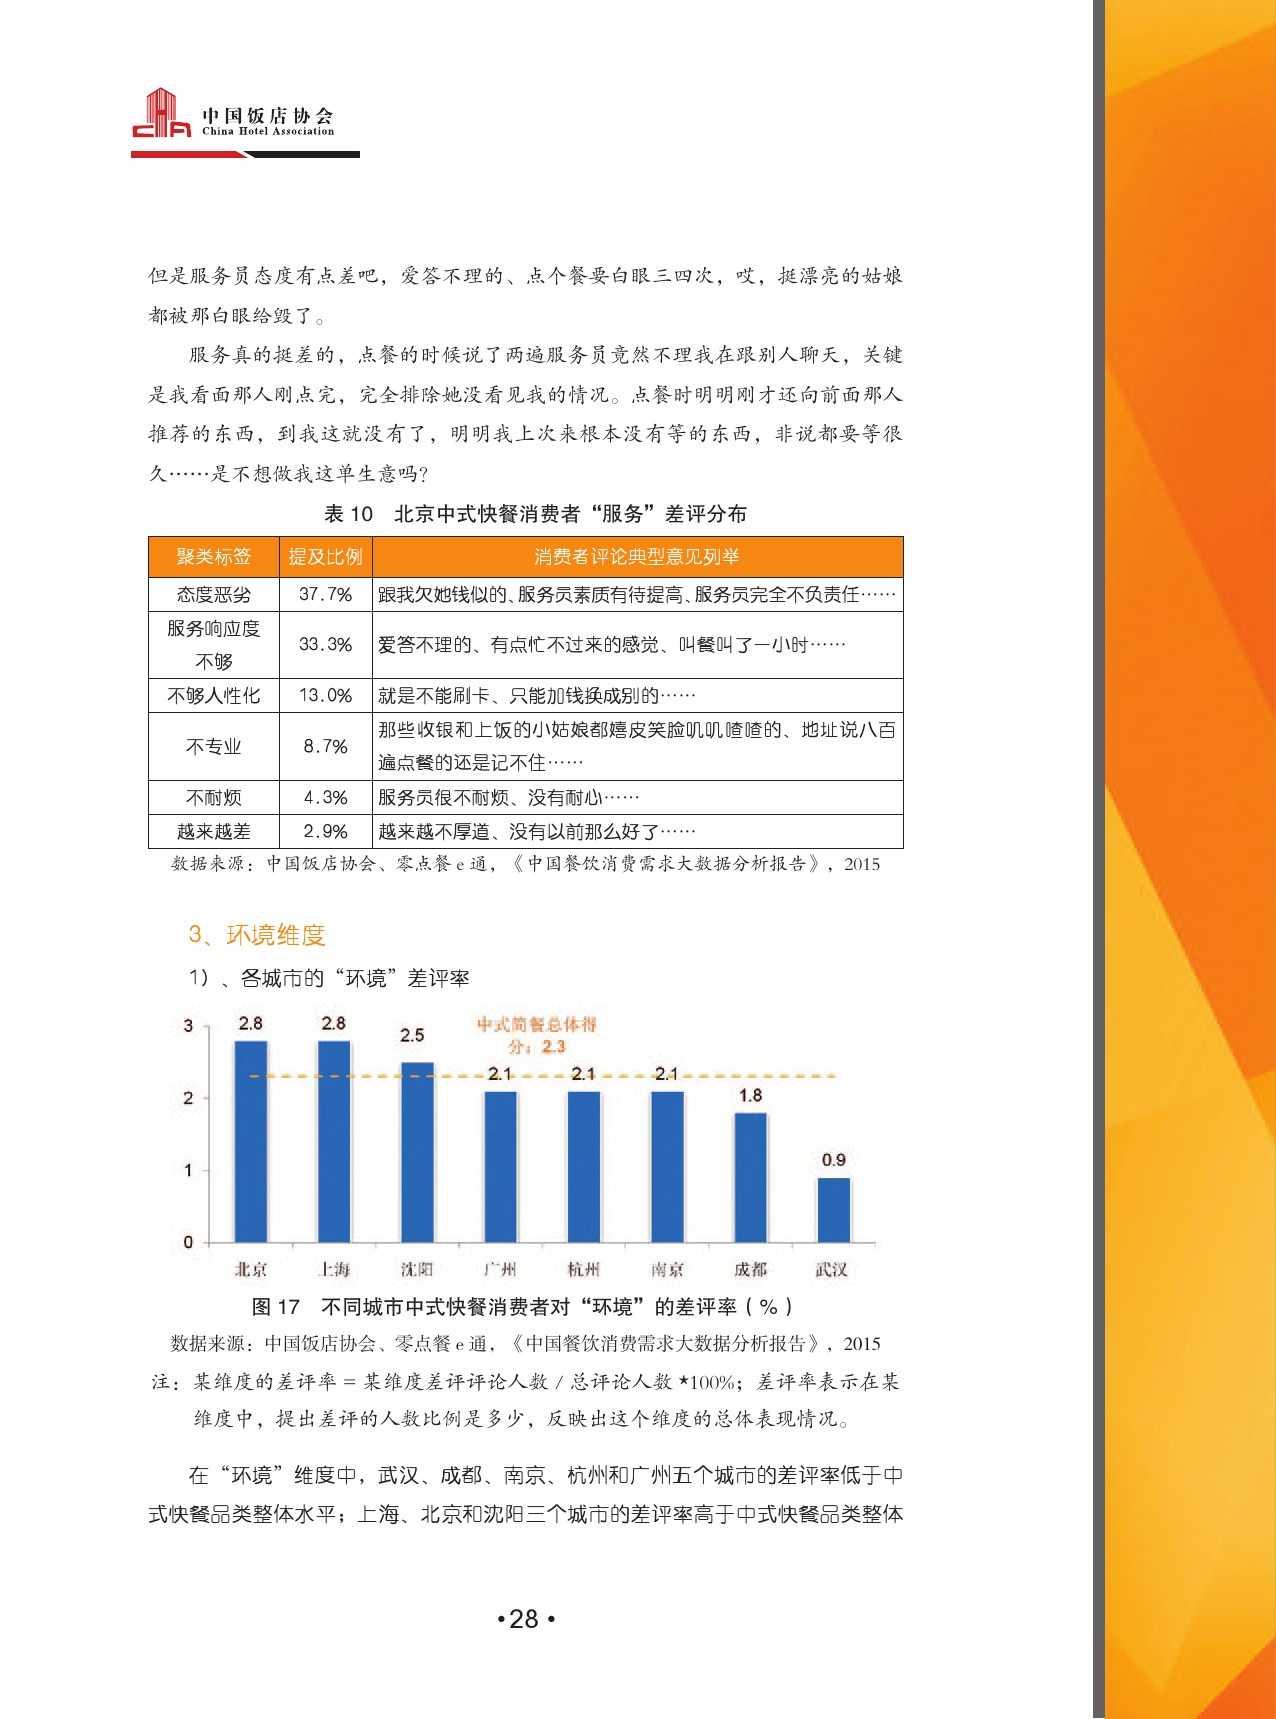 2015中国餐饮消费需求大数据分析报告_000030